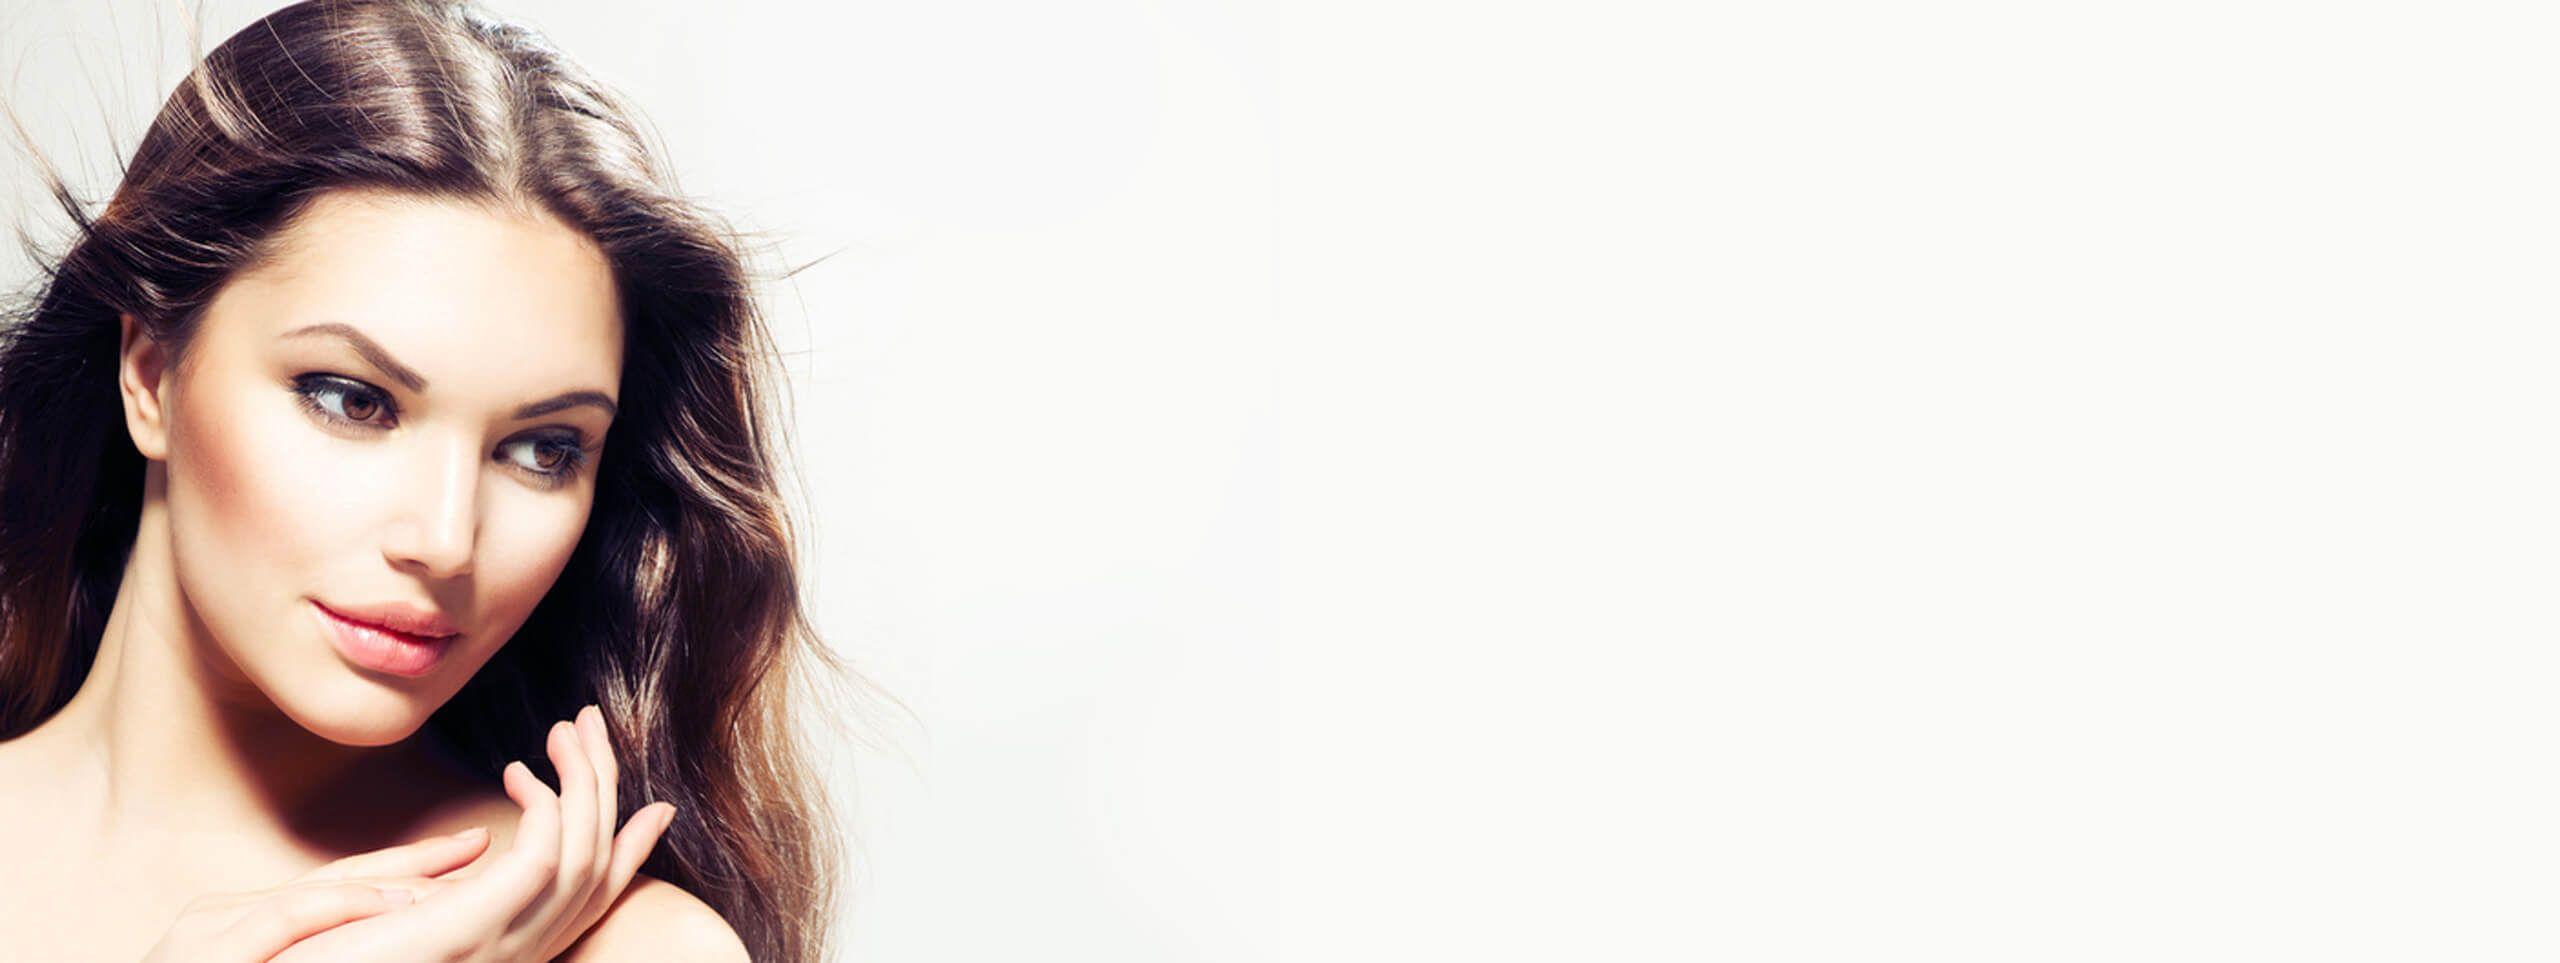 Kobieta o lśniących lekko falowanych włosach